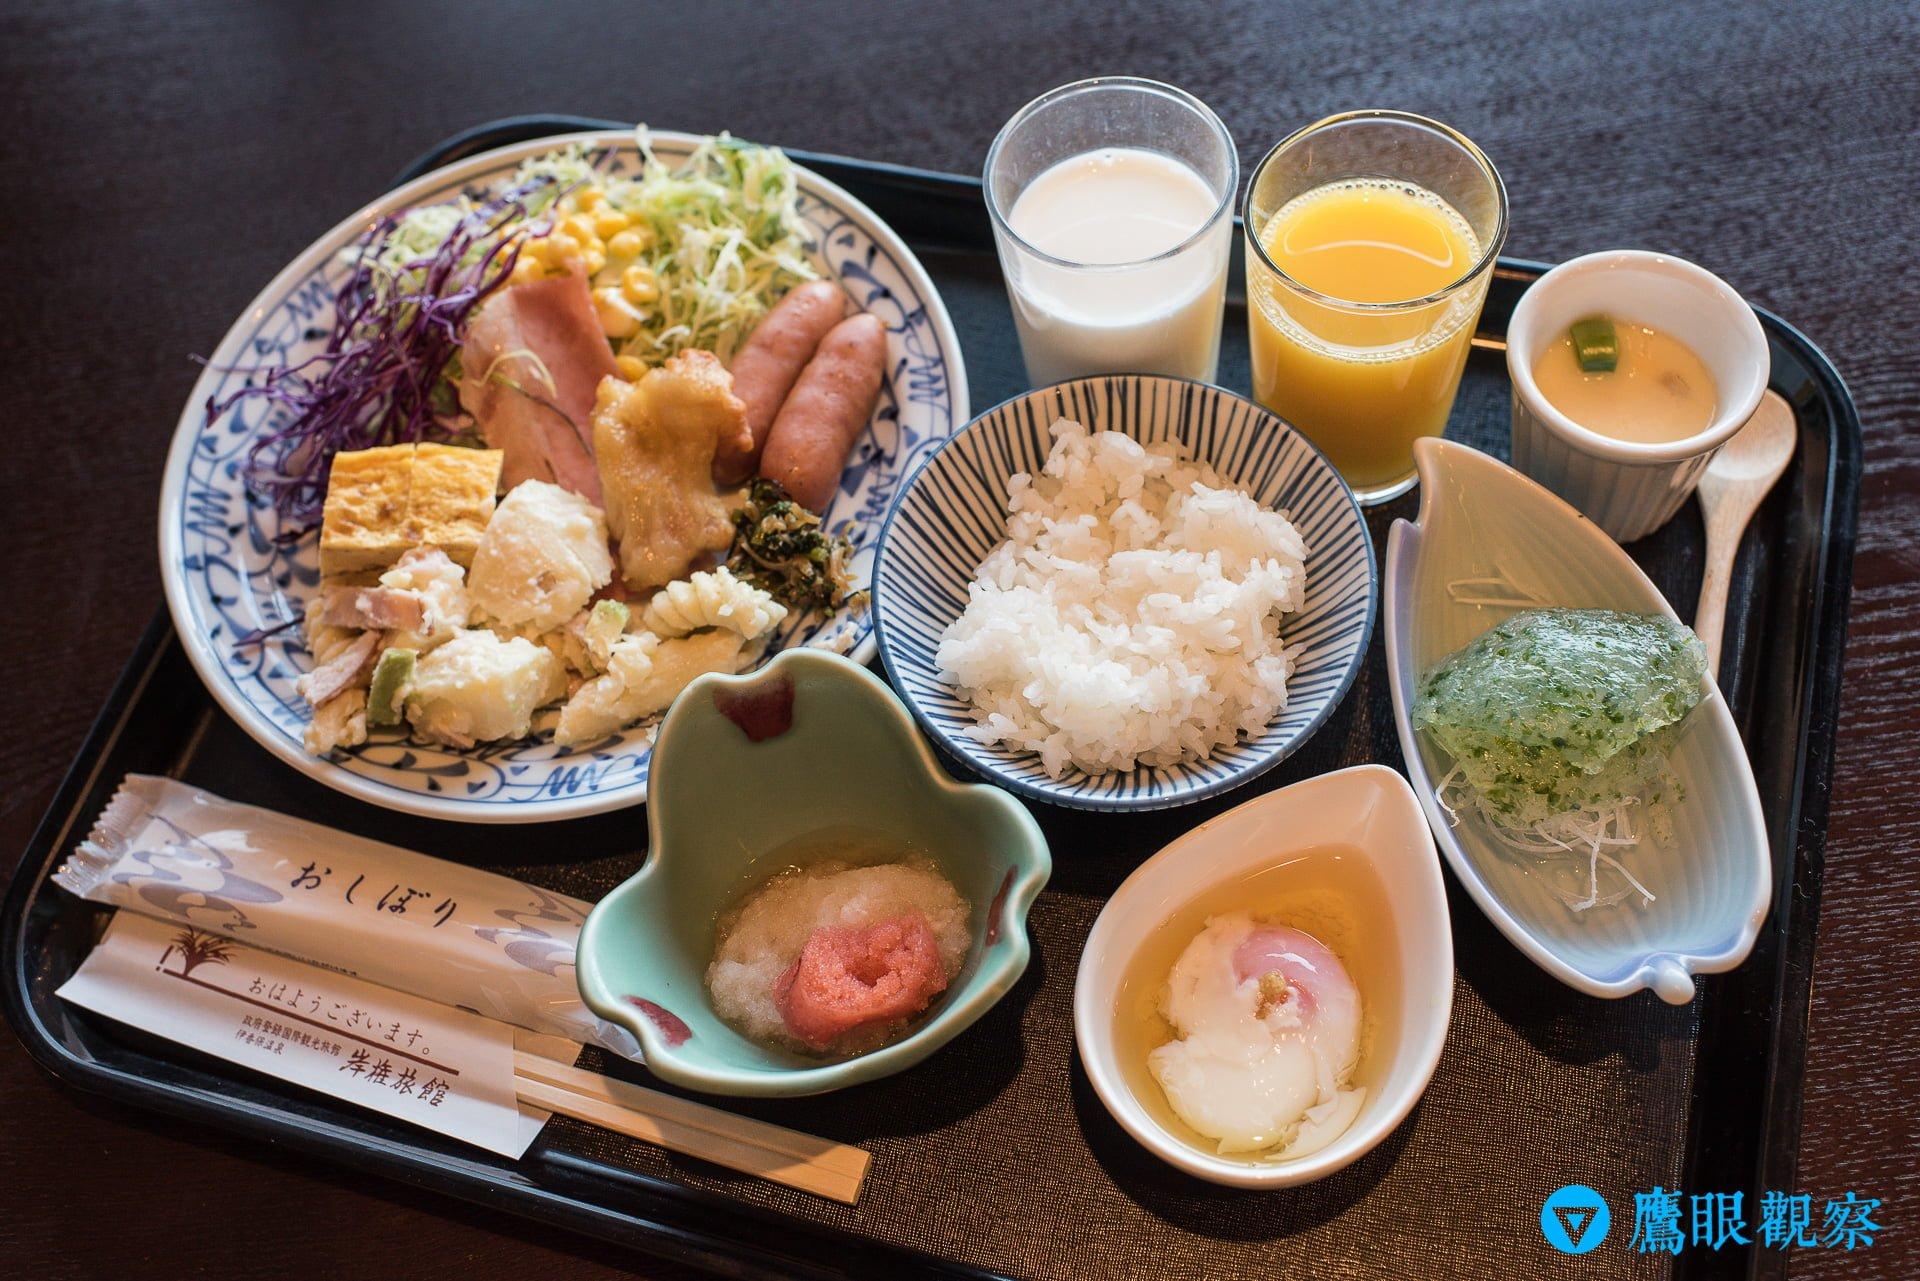 travel Japan gunma kishigon ryokan hotel in izumo spa hot spring 57 群馬縣伊香保溫泉「岸權旅館」日本旅館住宿推薦